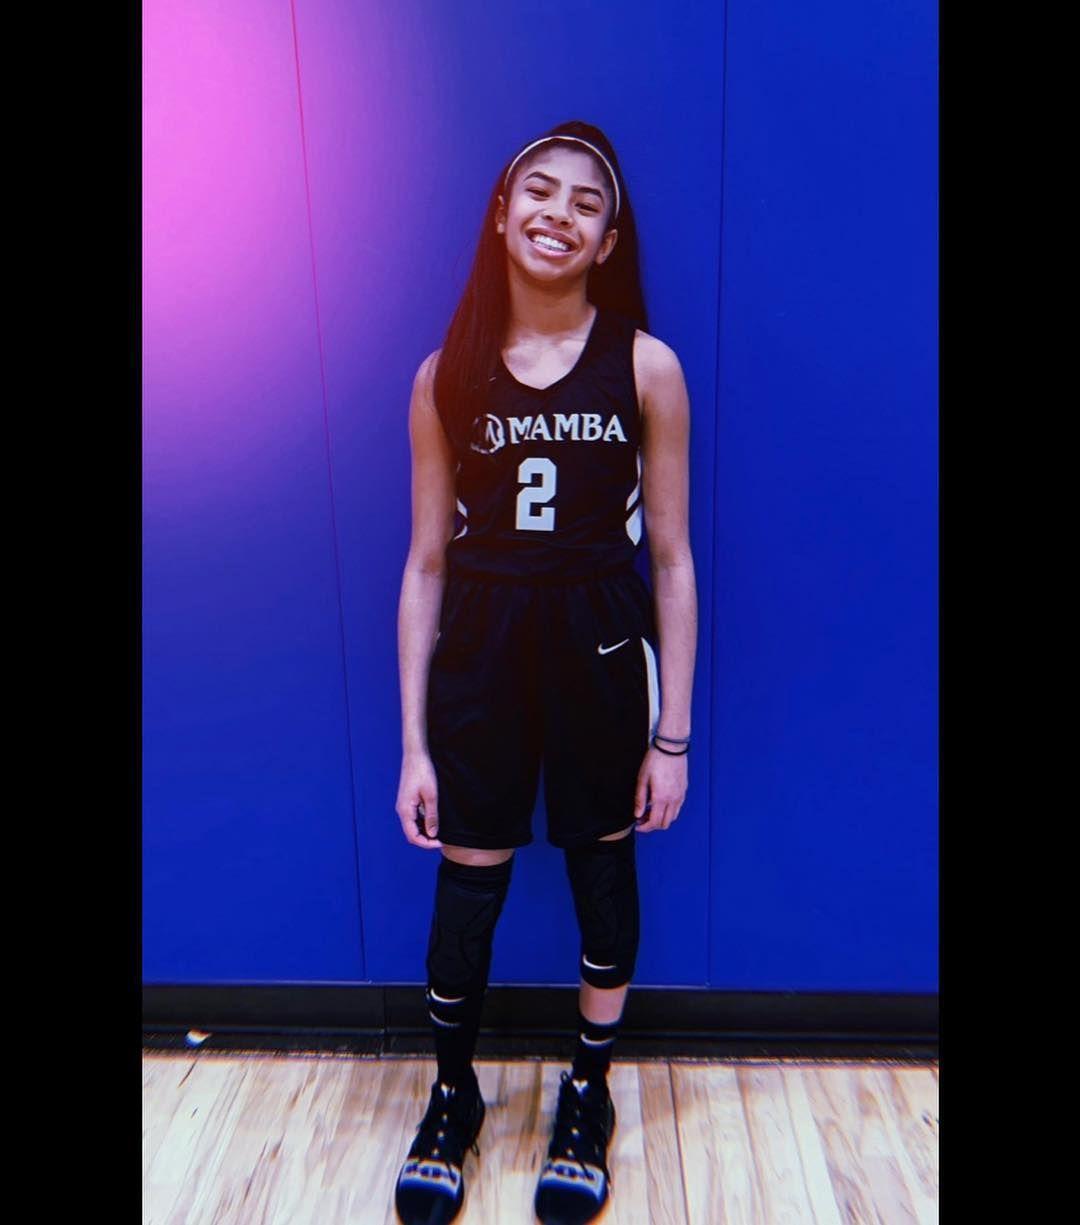 Vanessa Bryant On Instagram Always Smiling For Mama Birthday Girl 13 Gigibryant M In 2020 Kobe Bryant Daughters Kobe Bryant Kobe Bryant Black Mamba